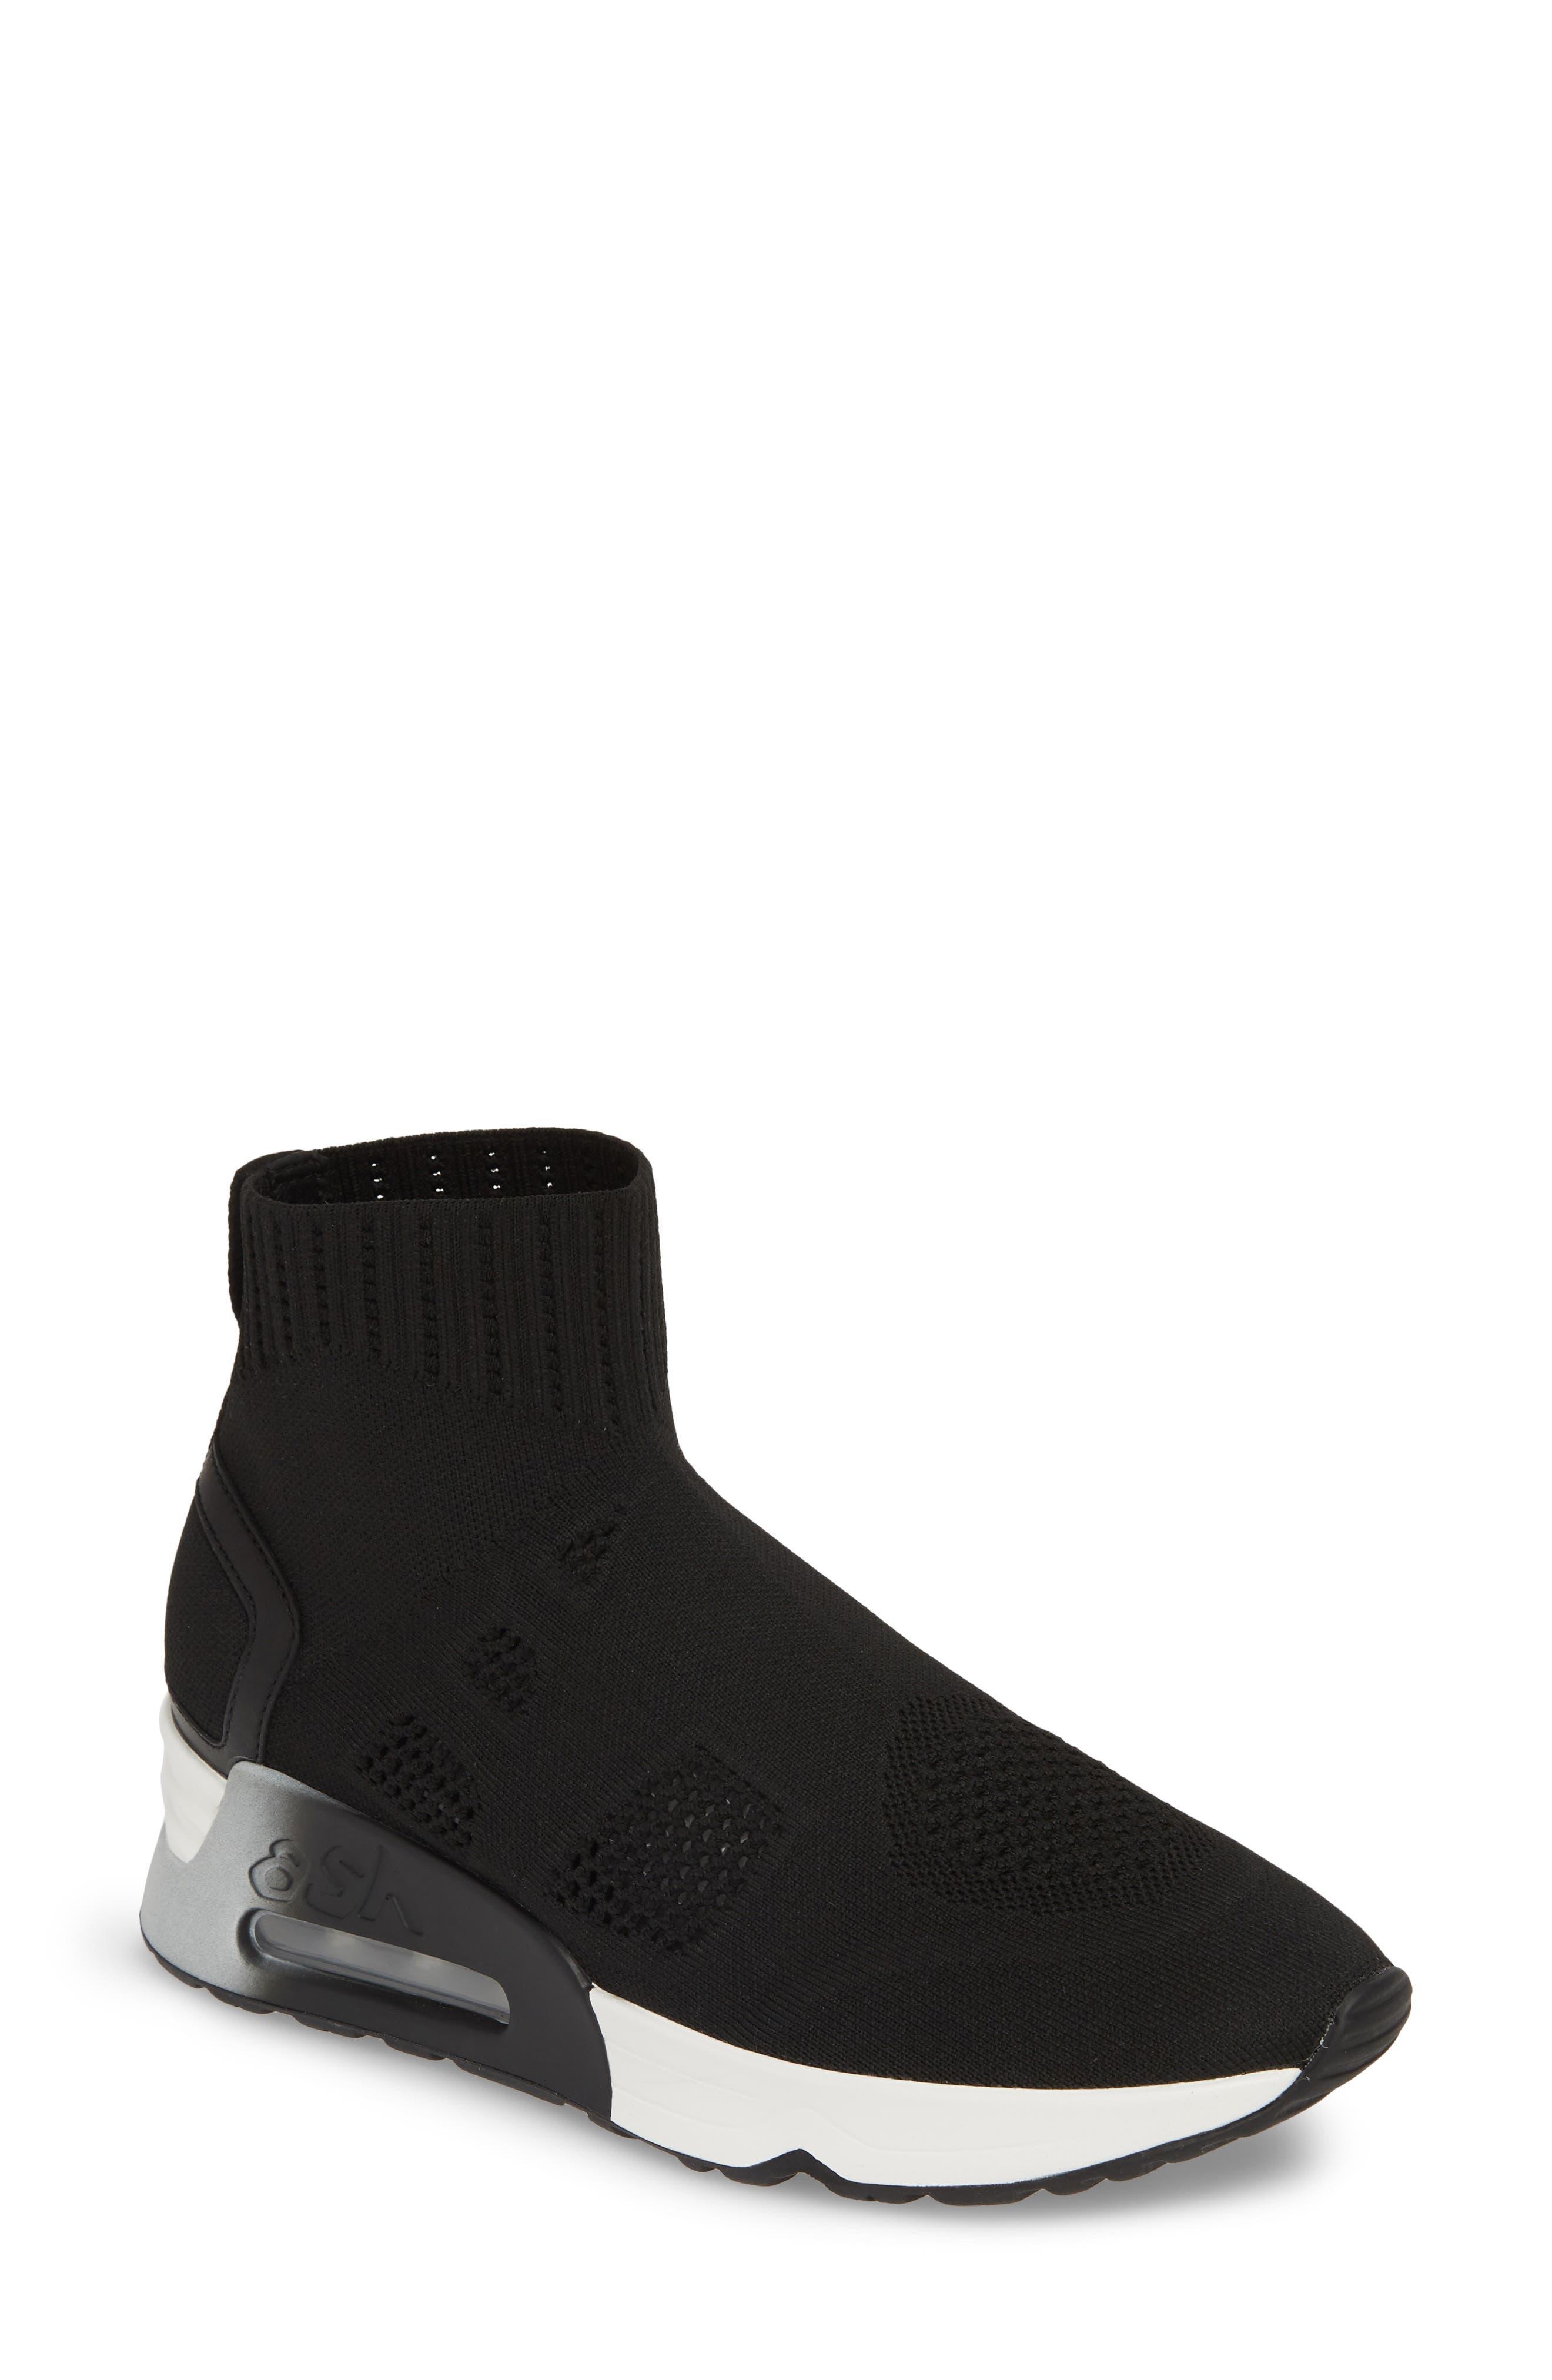 ASH, Knit Sneaker Bootie, Main thumbnail 1, color, BLACK